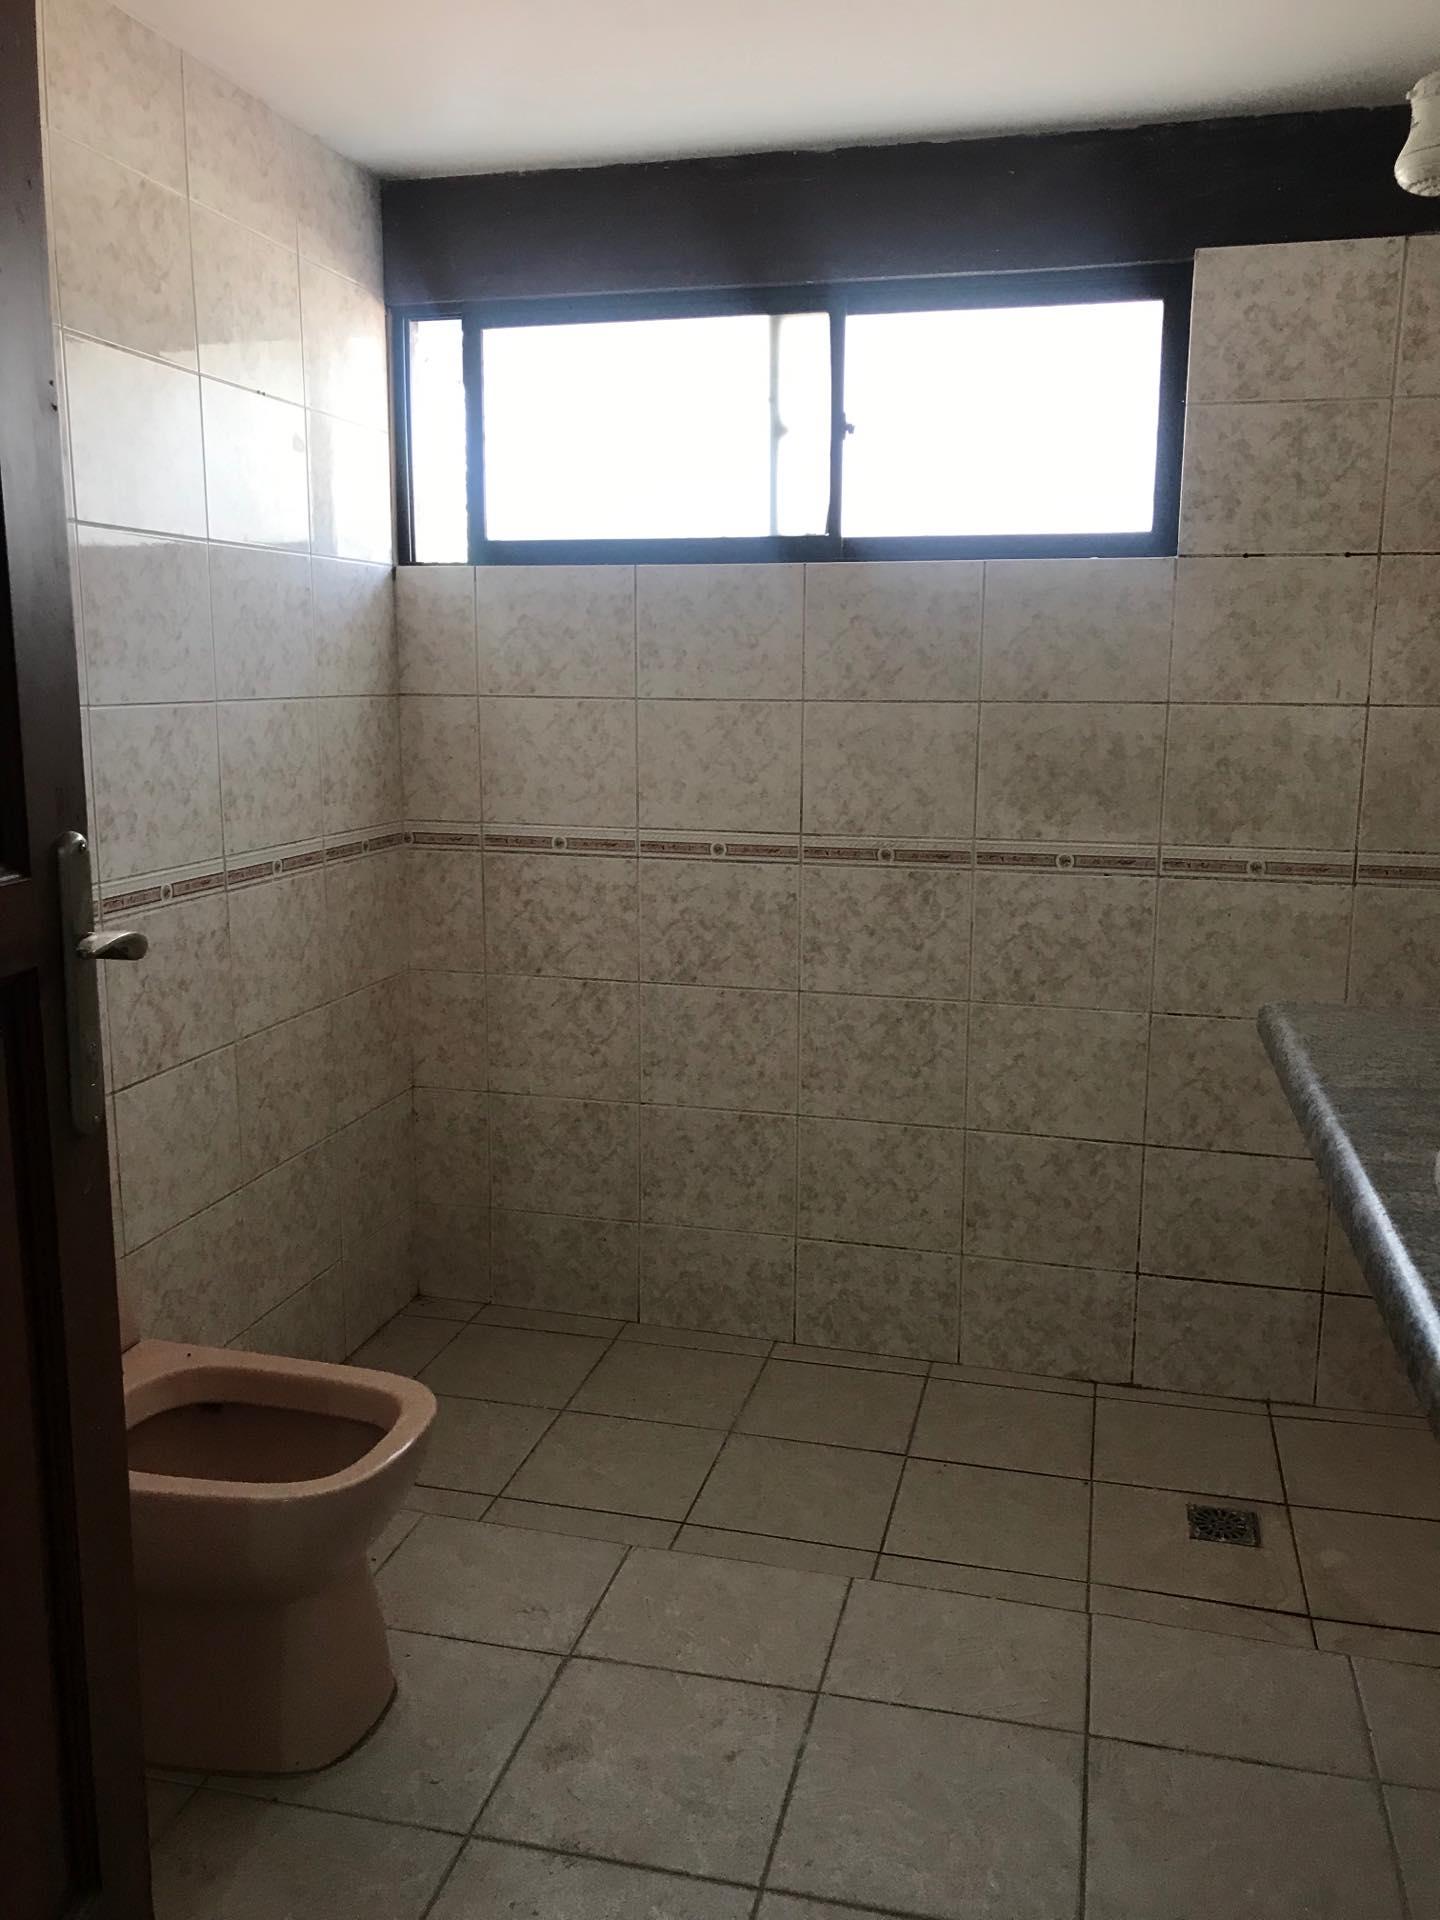 Casa en Alquiler Av. Melchor Pinto entre 1ro y 2do anillo  Foto 4